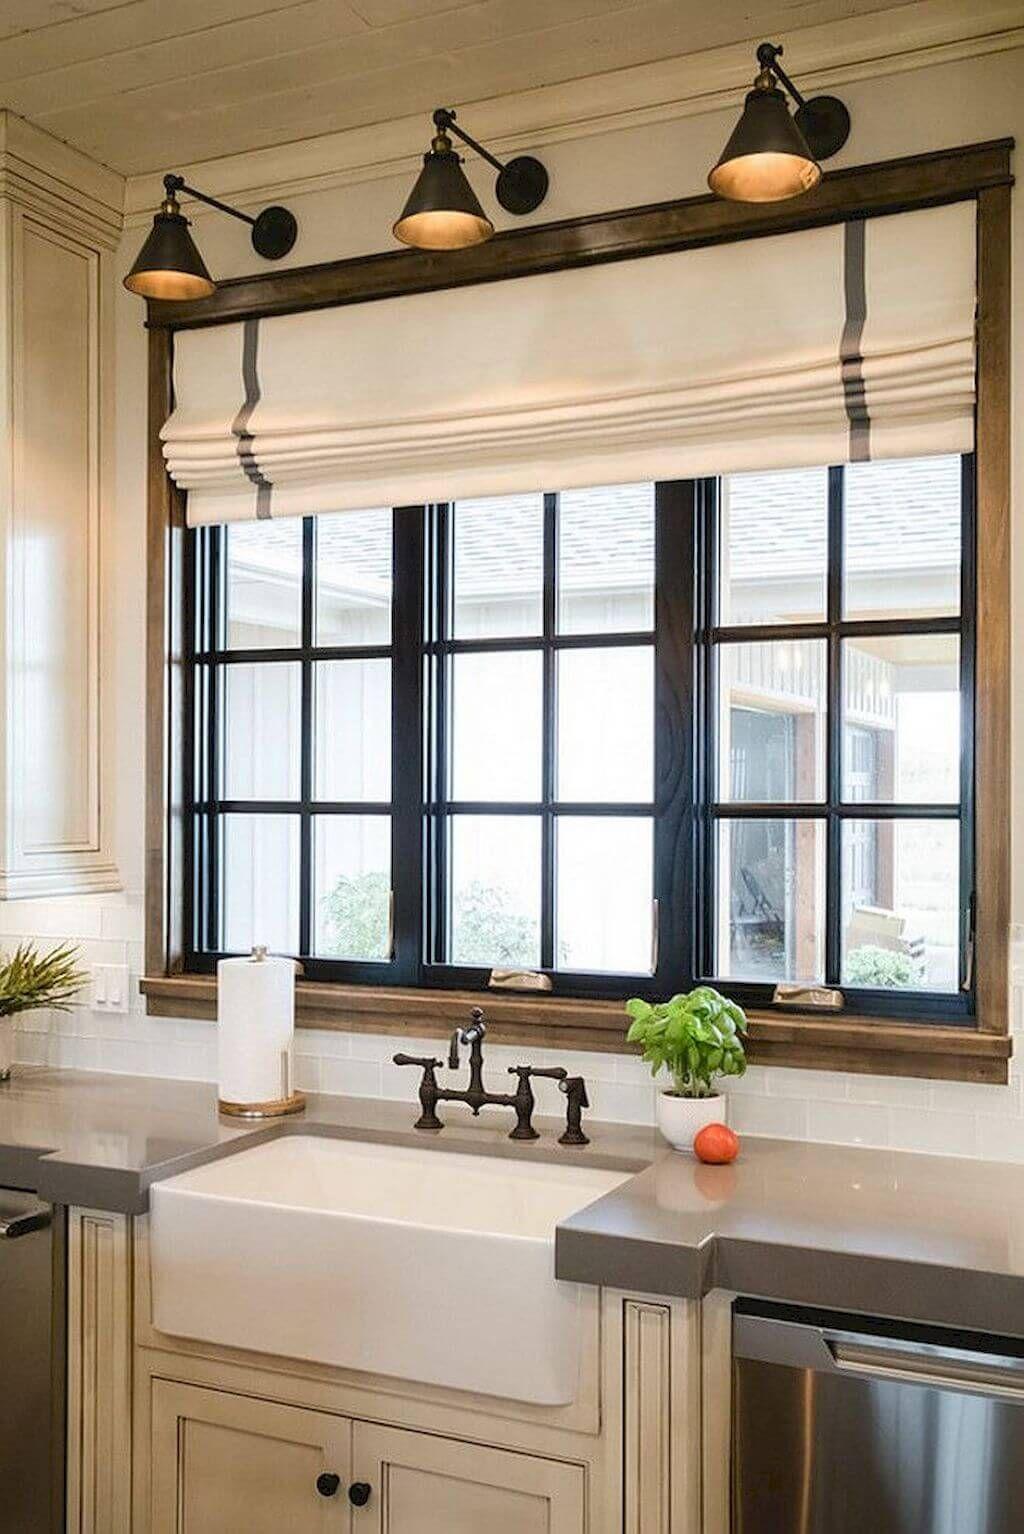 26 idées de traitements pour fenêtres de maison à apporter un charme d'antan à votre maison – Décors déco